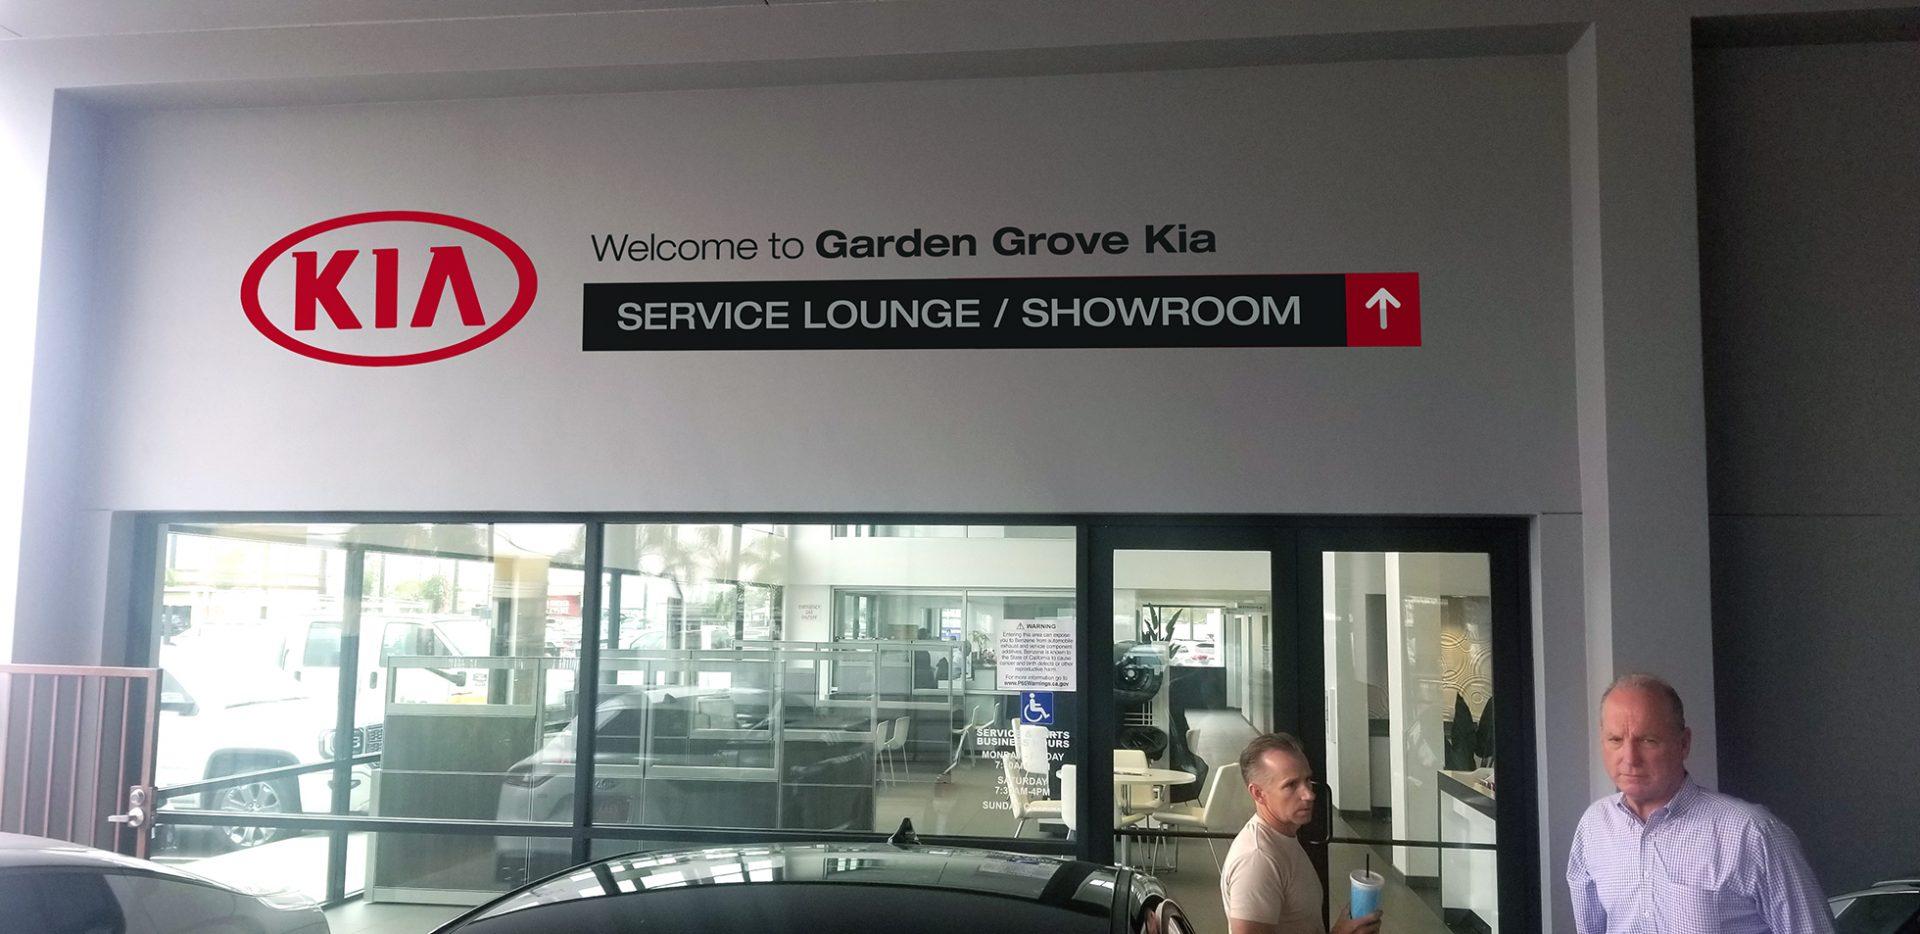 GardenGroveKia_EntrytoServiceLounge-03